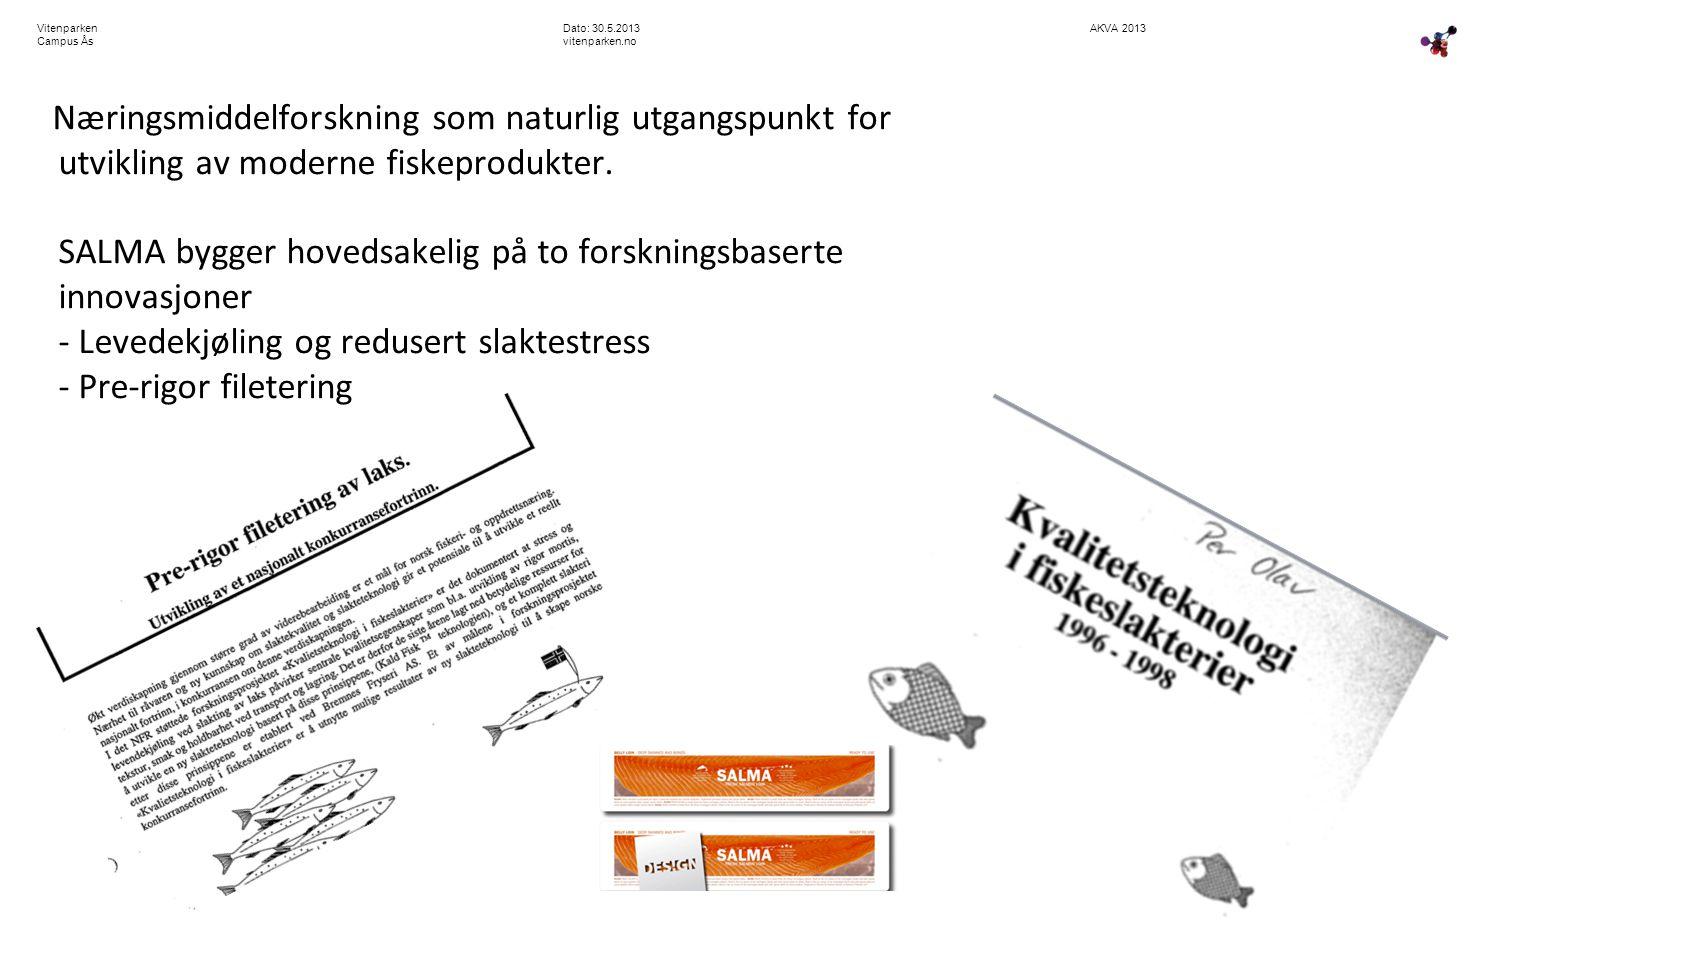 AKVA 2013Dato: 30.5.2013 vitenparken.no Vitenparken Campus Ås Næringsmiddelforskning som naturlig utgangspunkt for utvikling av moderne fiskeprodukter